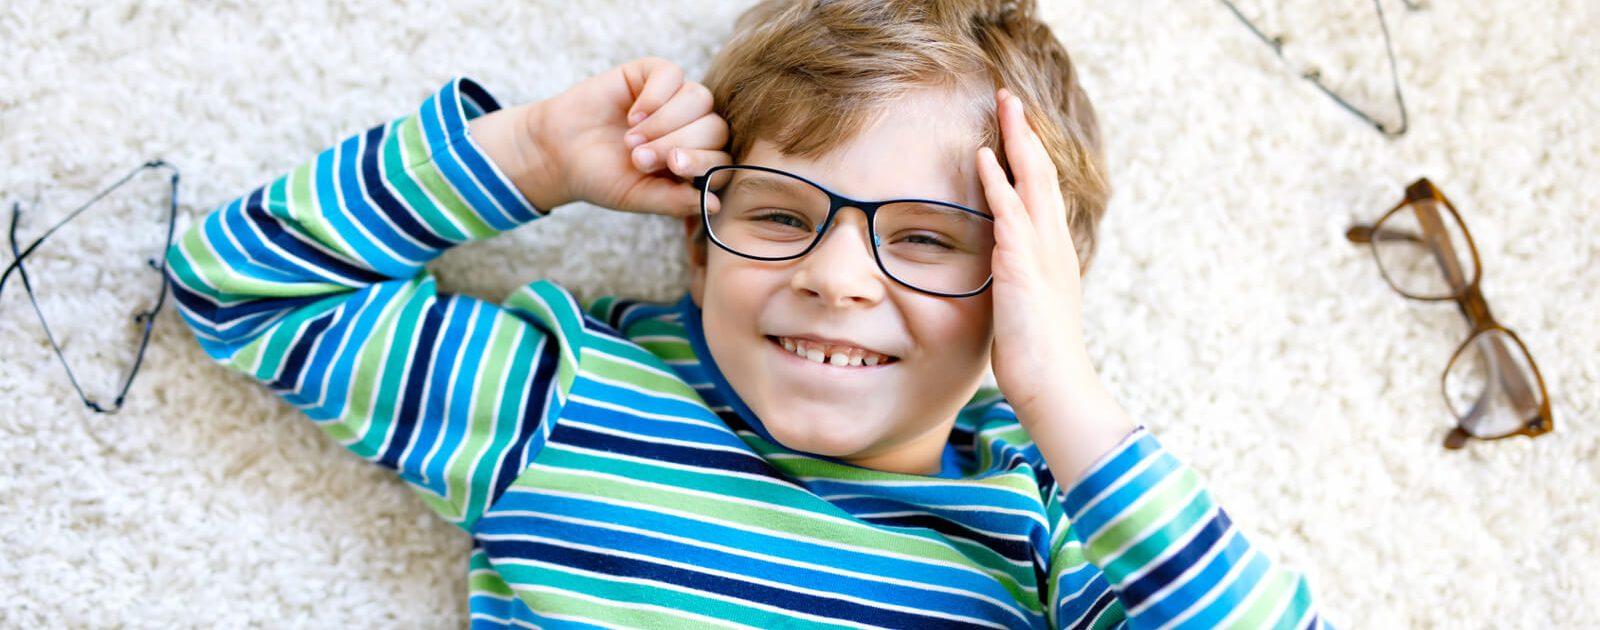 Ein Junge mit Brillen – diese Behandlungsmethode ist für Fehlsichtigkeit bei Kindern typisch.